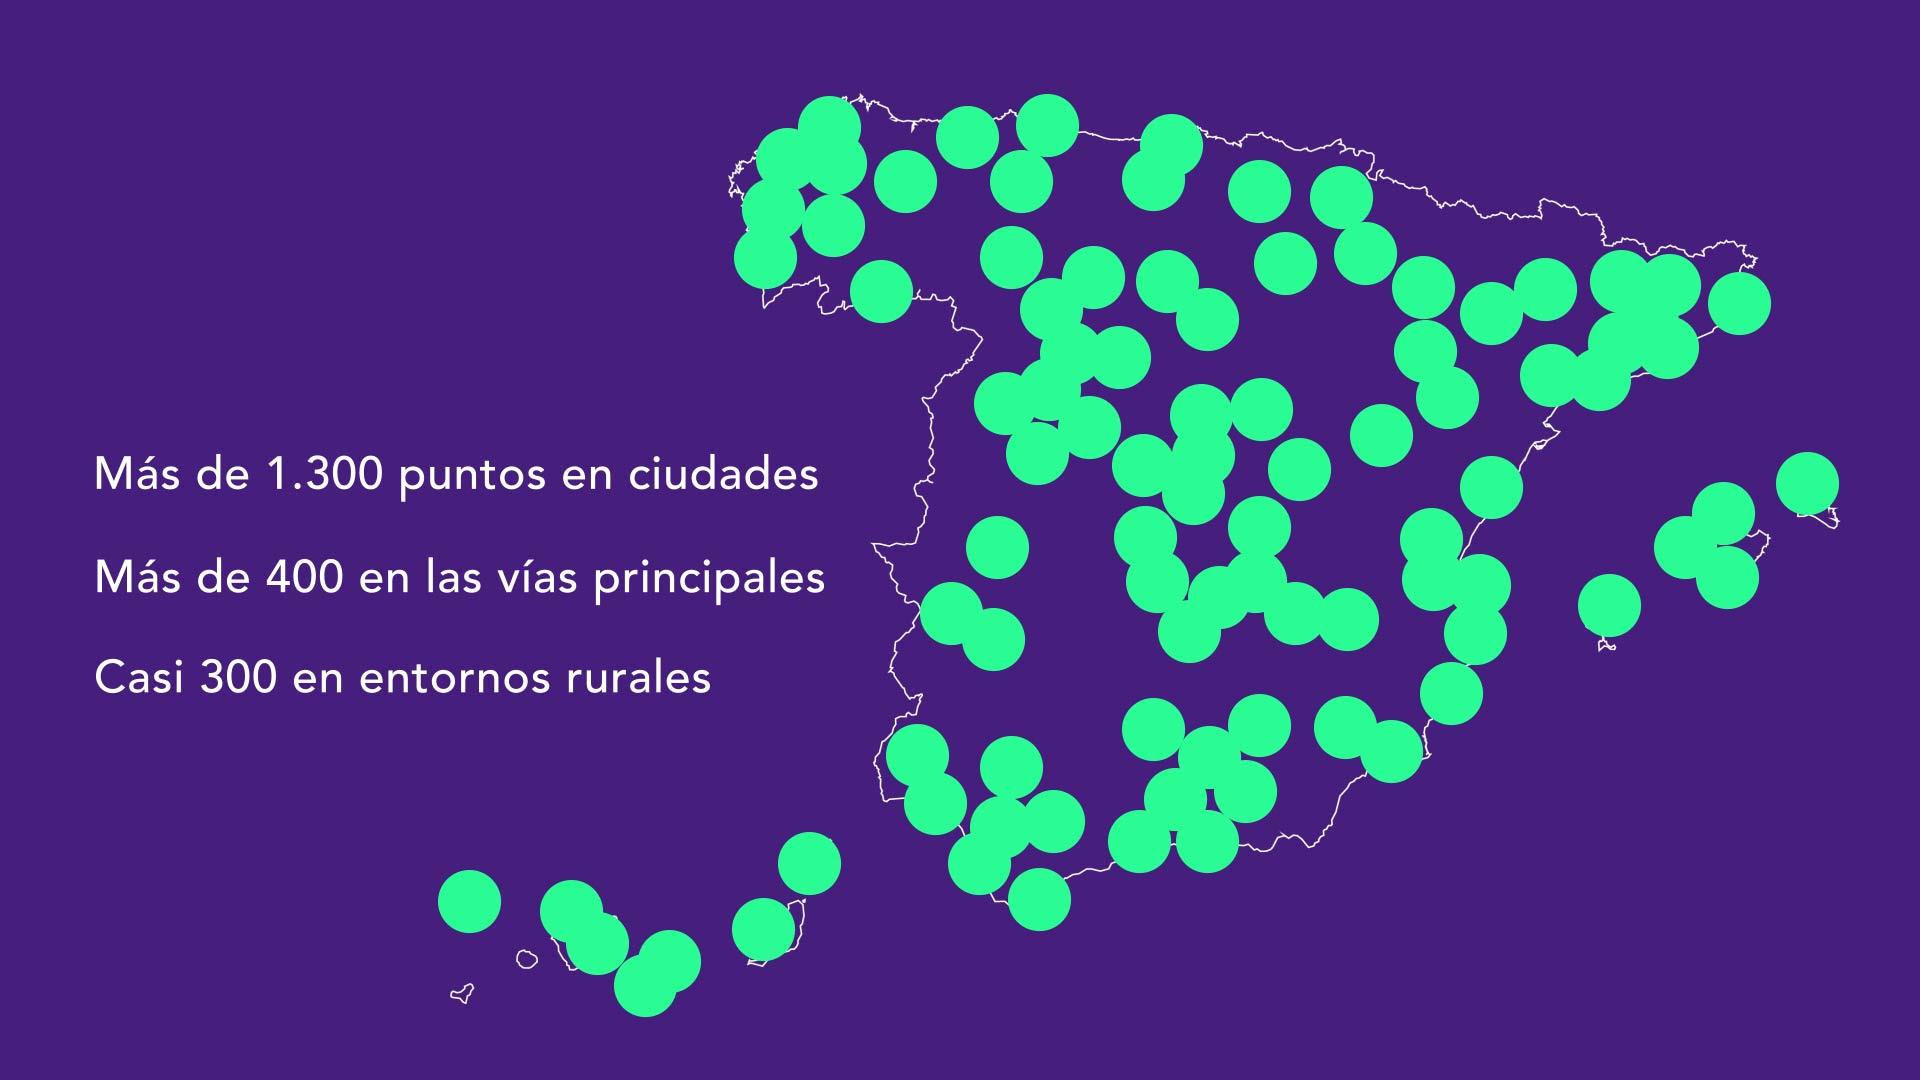 Imagen-mapa-espana-endesa.jpg